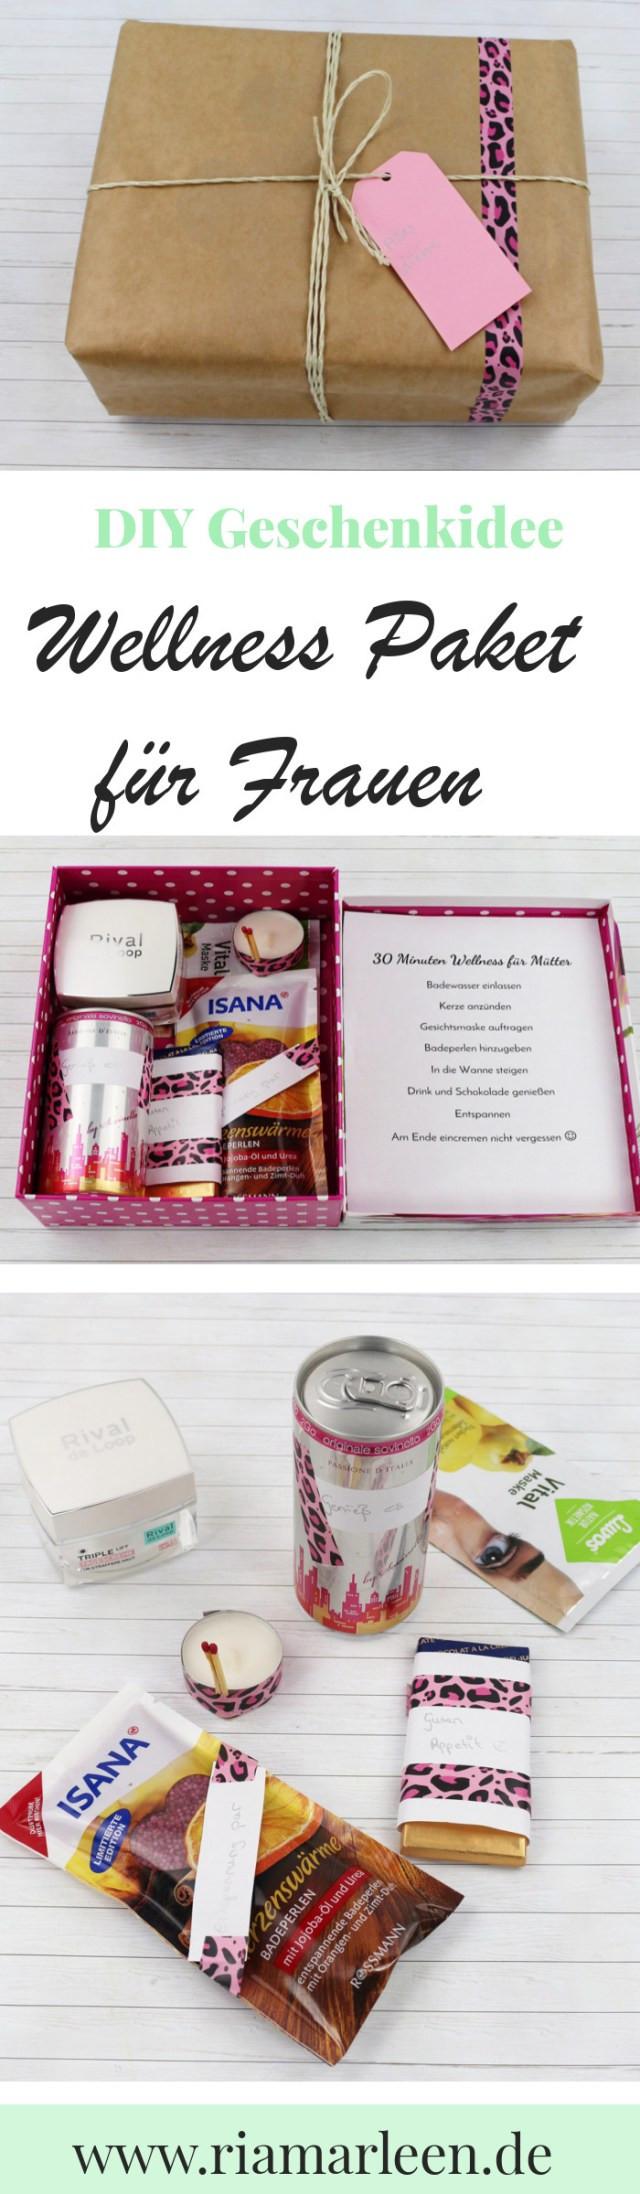 Schöne Geschenke Für Frauen  Schöne DIY Geschenkidee für Frauen Wellness Paket